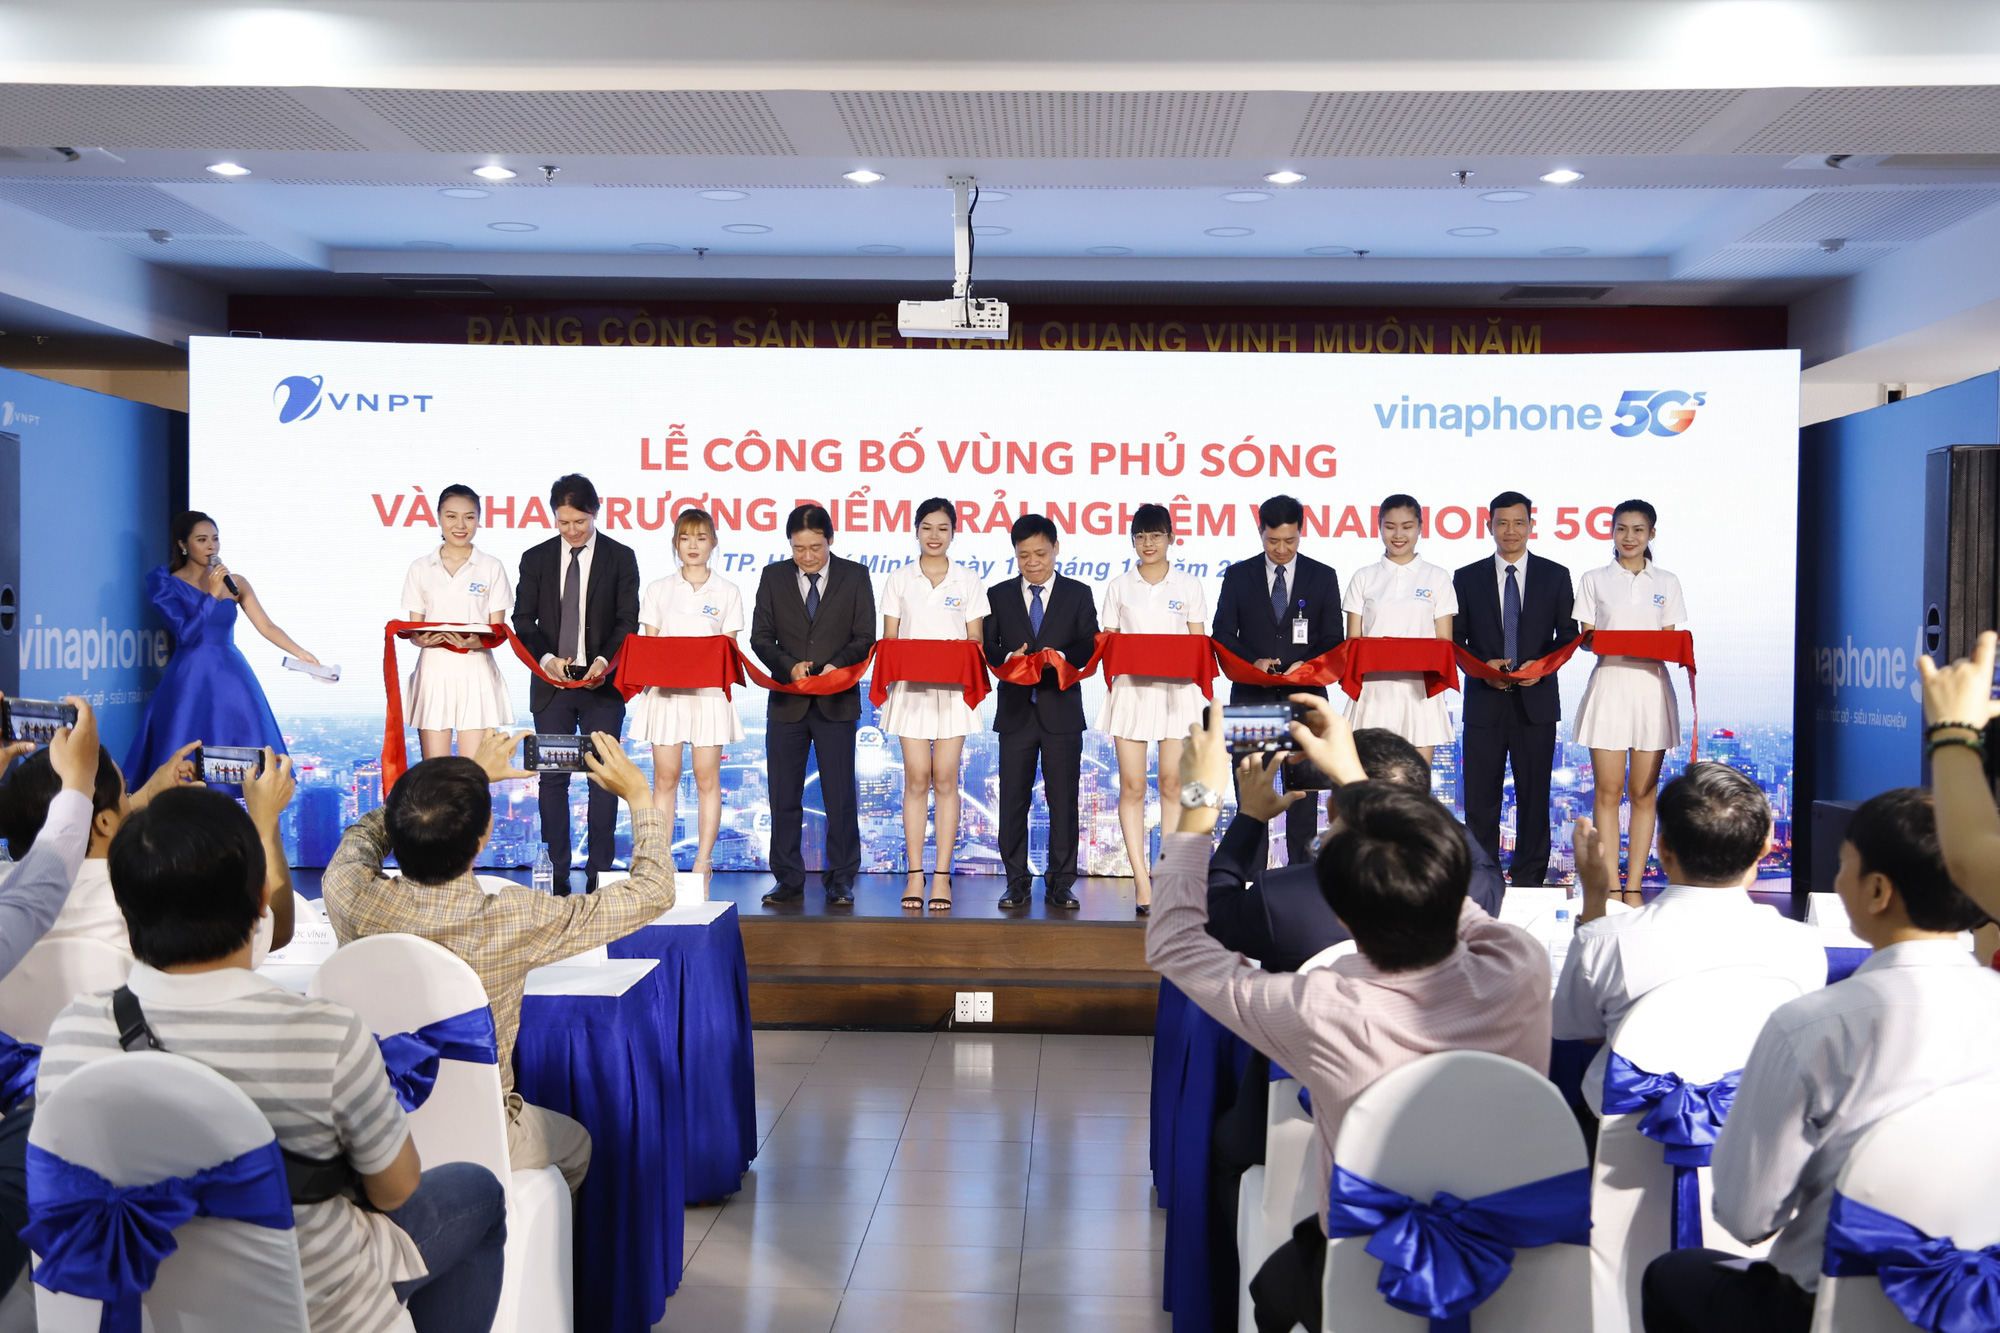 VNPT chính thức công bố vùng phủ sóng VinaPhone 5G tại Hà Nội và TP. Hồ Chí Minh - Ảnh 1.